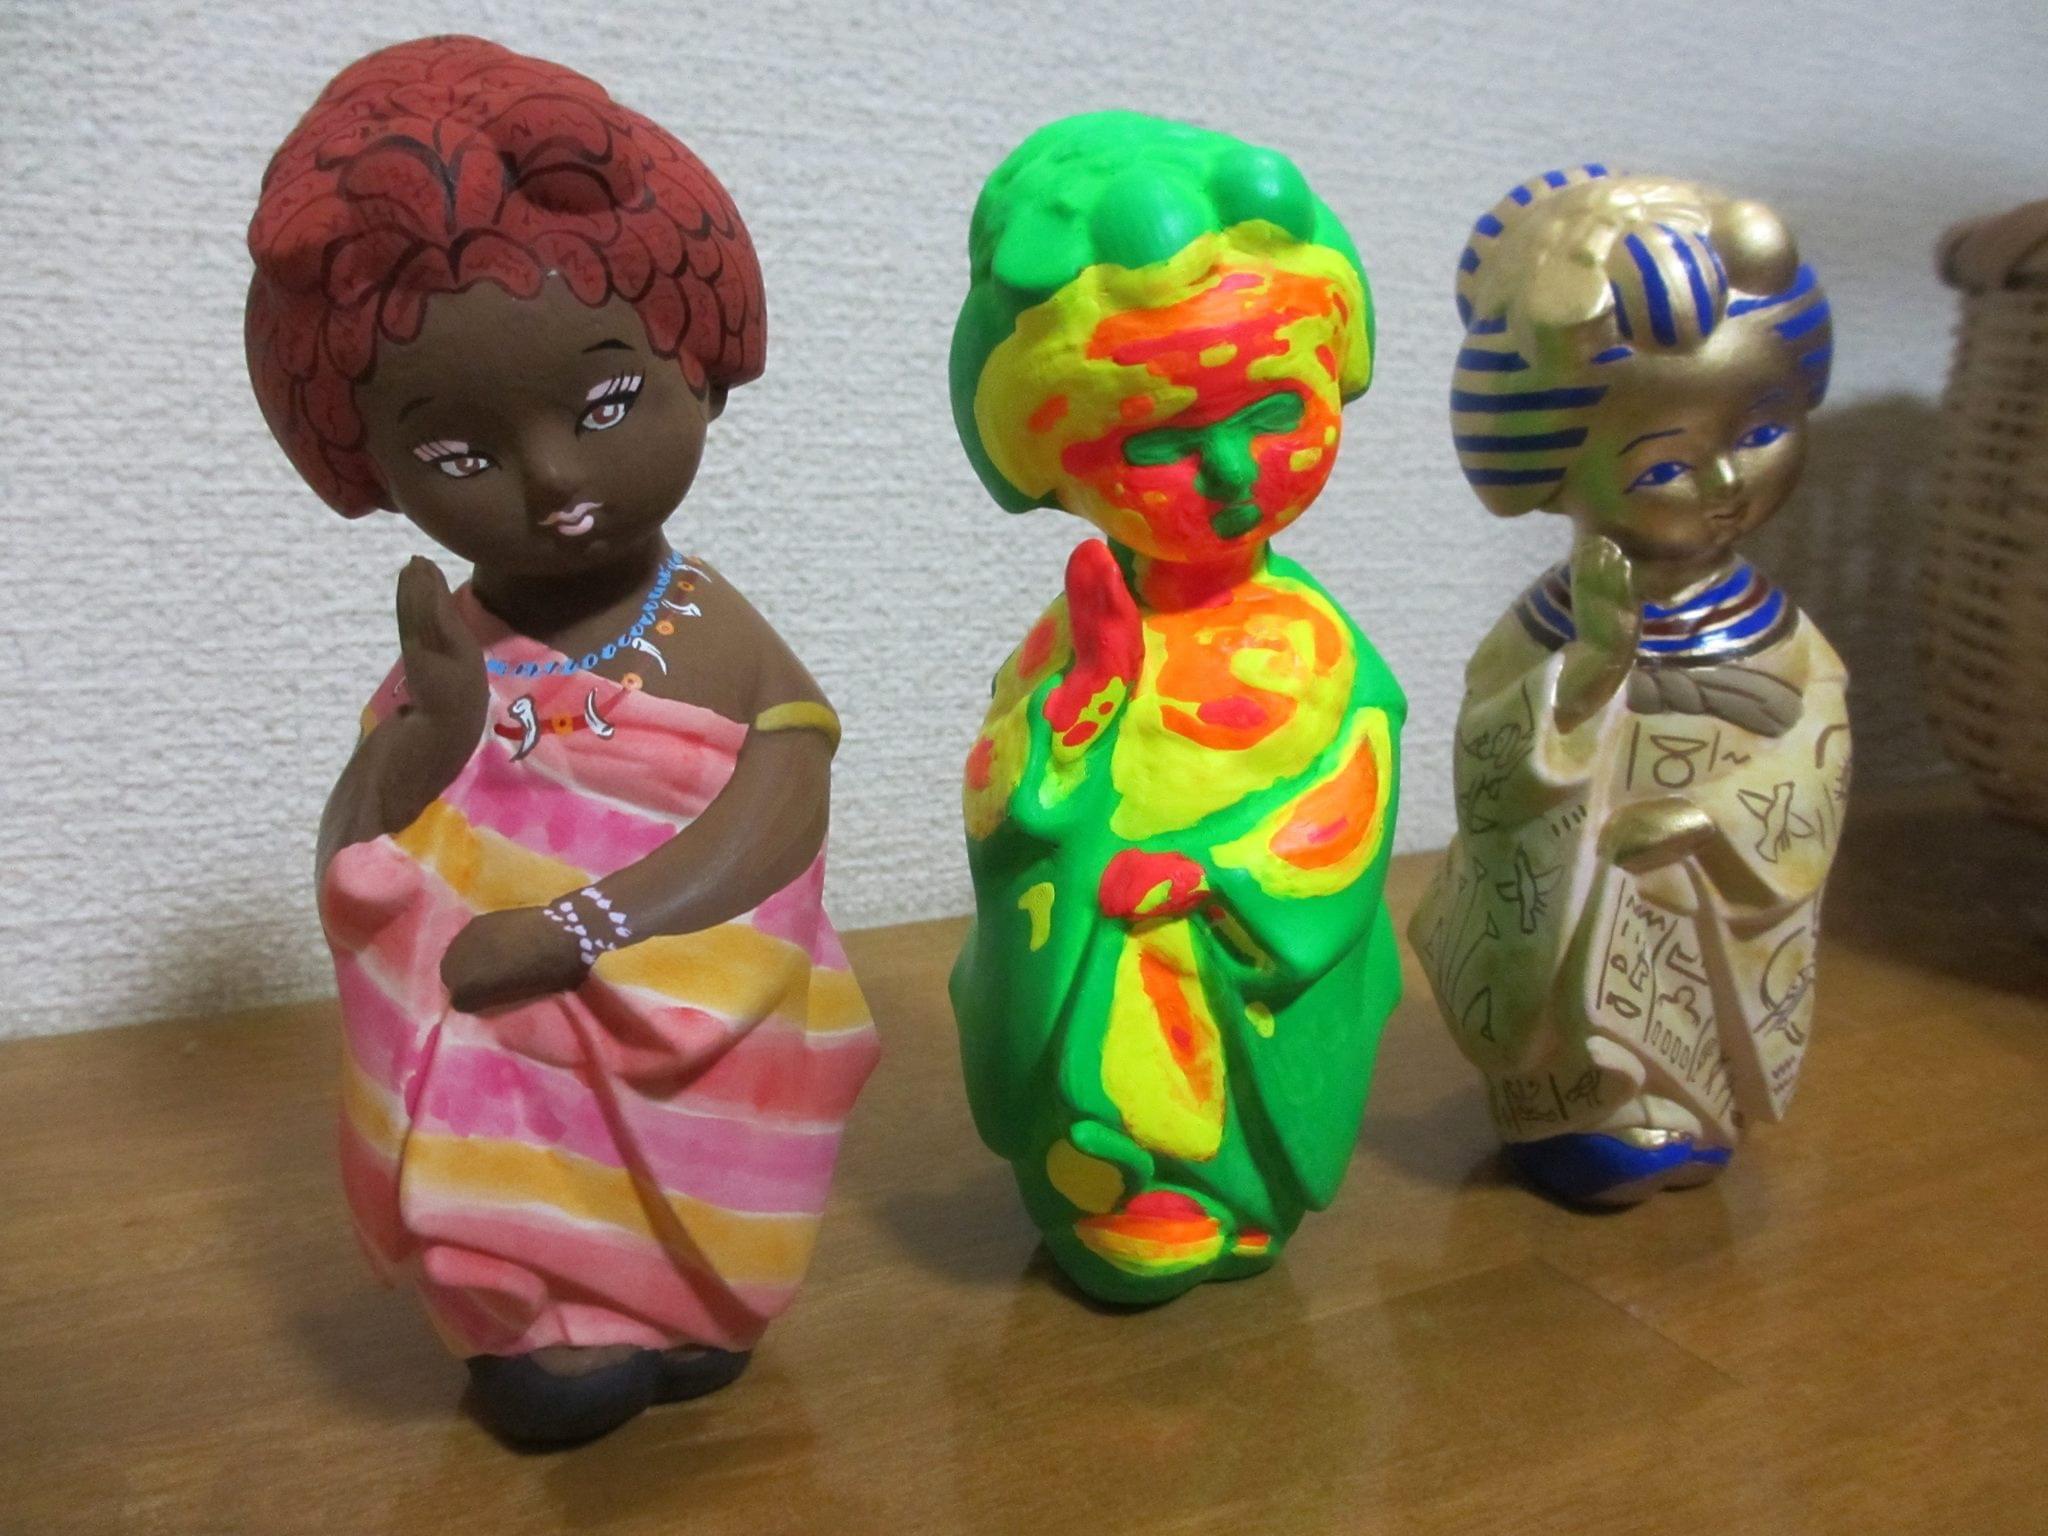 舞妓さんの人形に自由に絵付けしてみました。アフリカの人形 アフリカ女性 サーマルセンサー ツタンカーメン 人形 博多人形